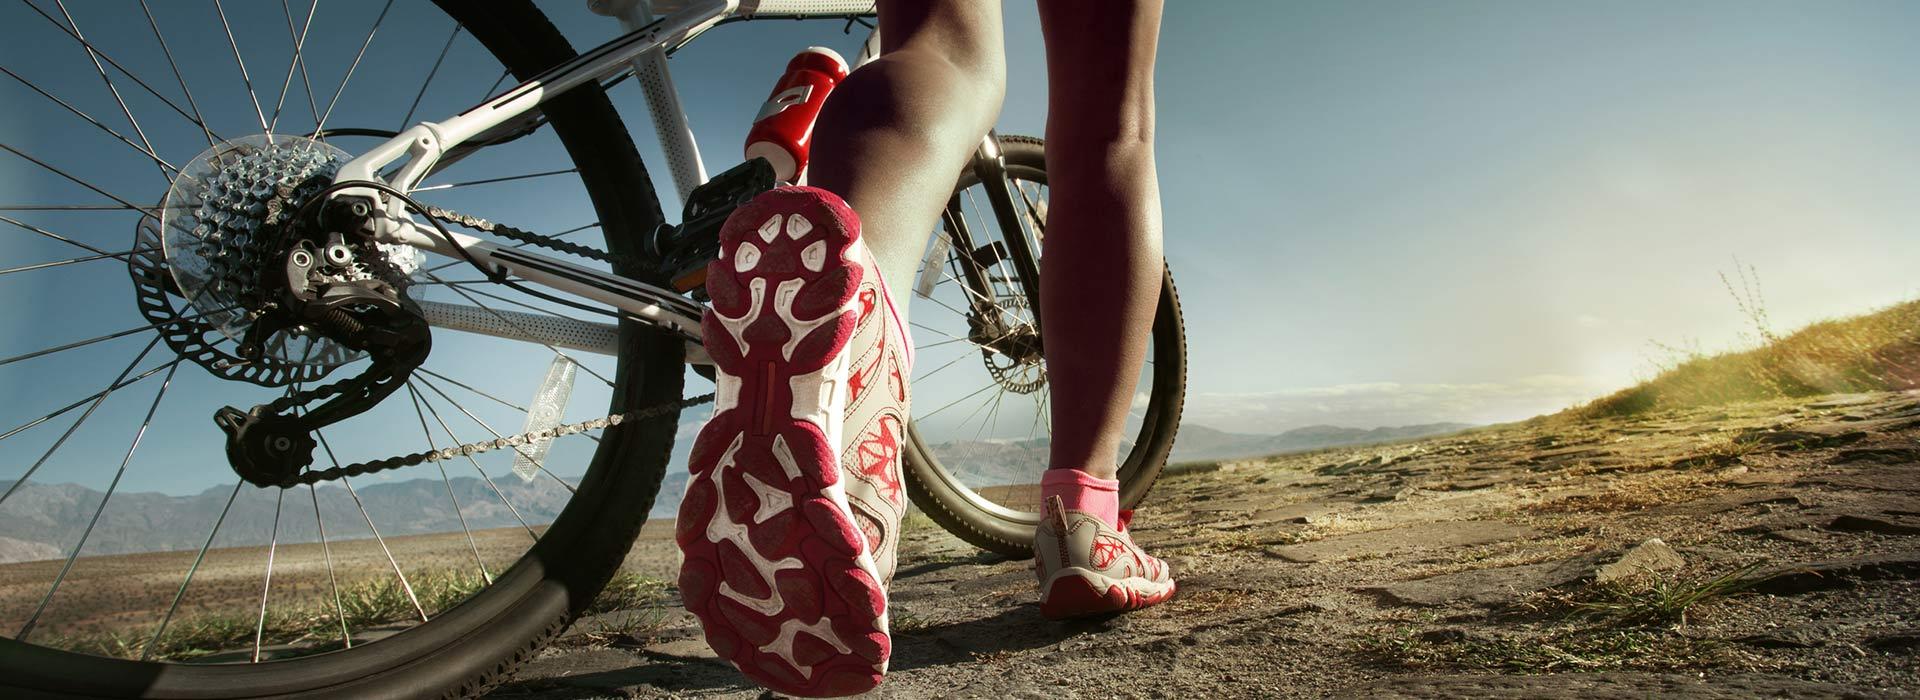 Radfahren ist super für den Körper.